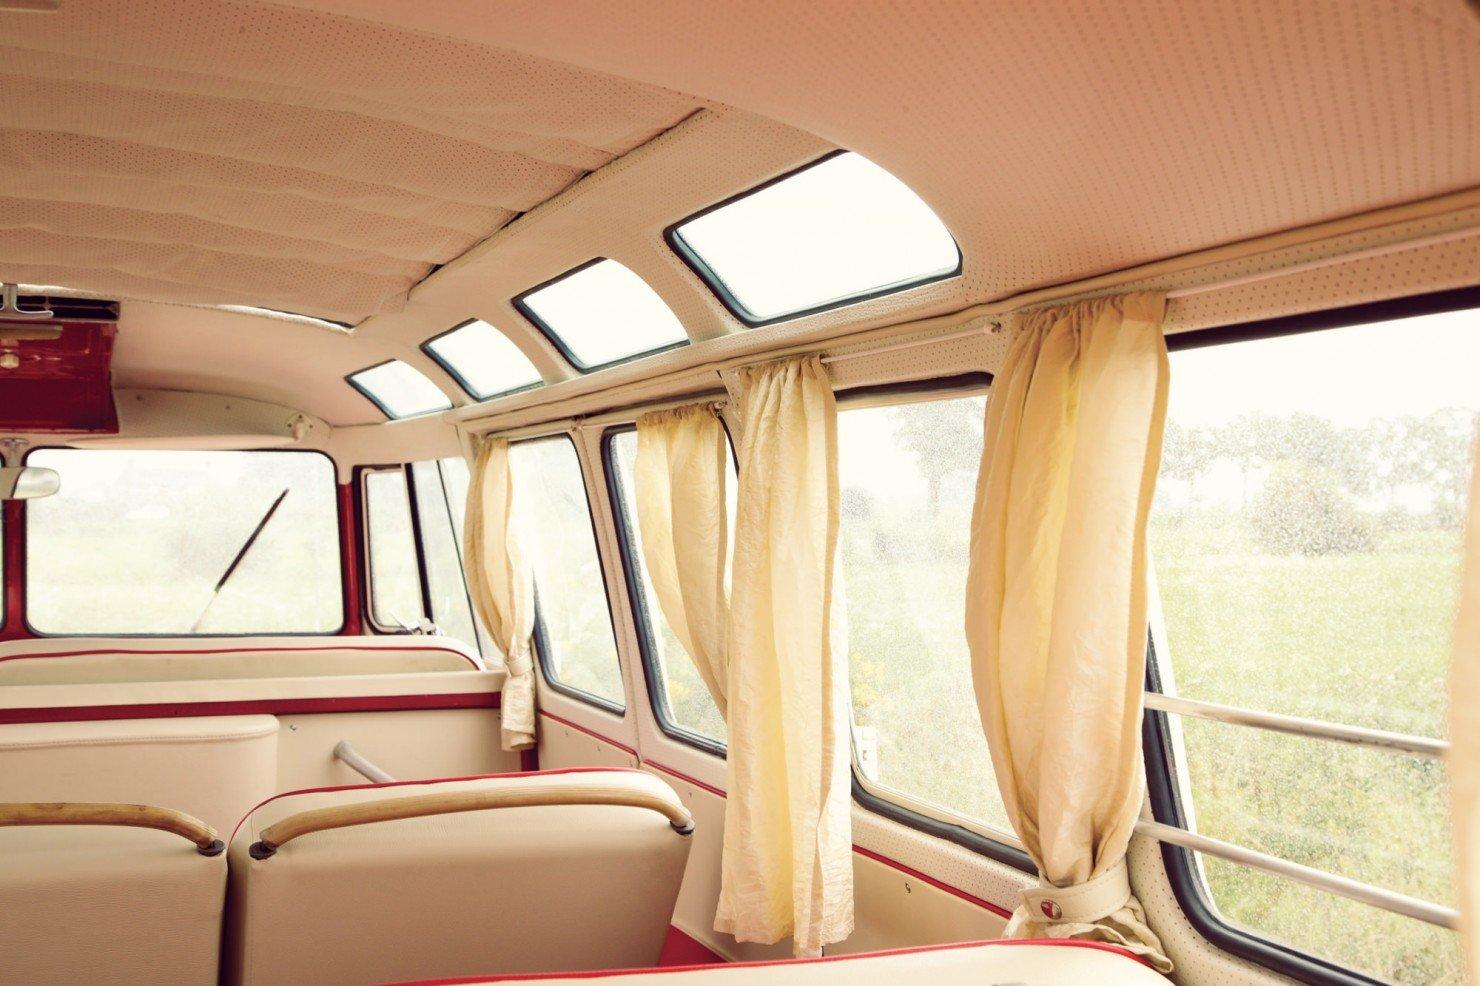 Volkswagen_21-Window_Micro_Bus_12